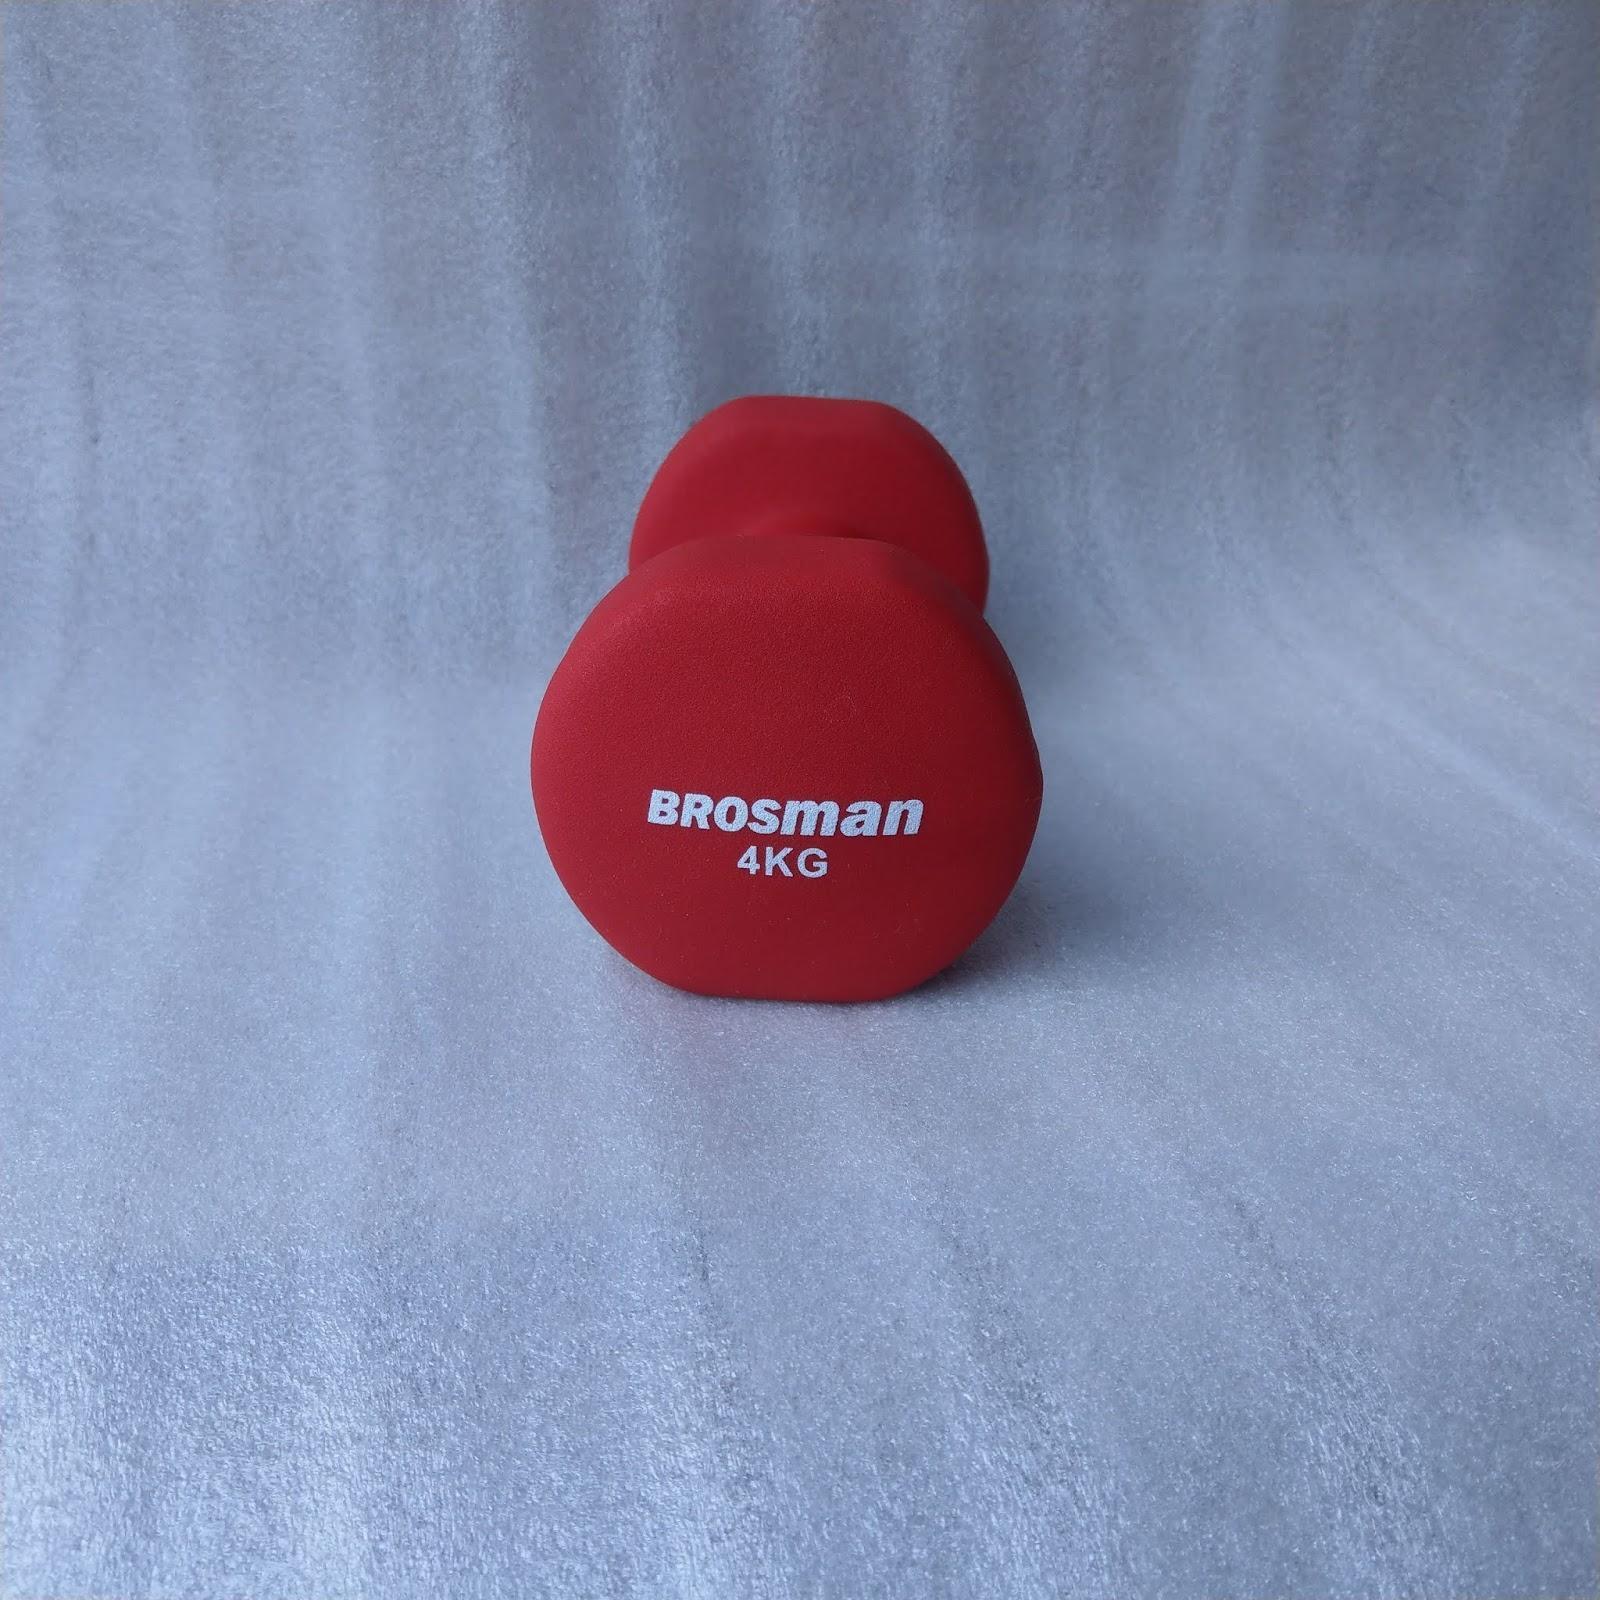 Tạ Tay Brosman 4 Kg (Đỏ) Giá Rẻ Nhất Thị Trường